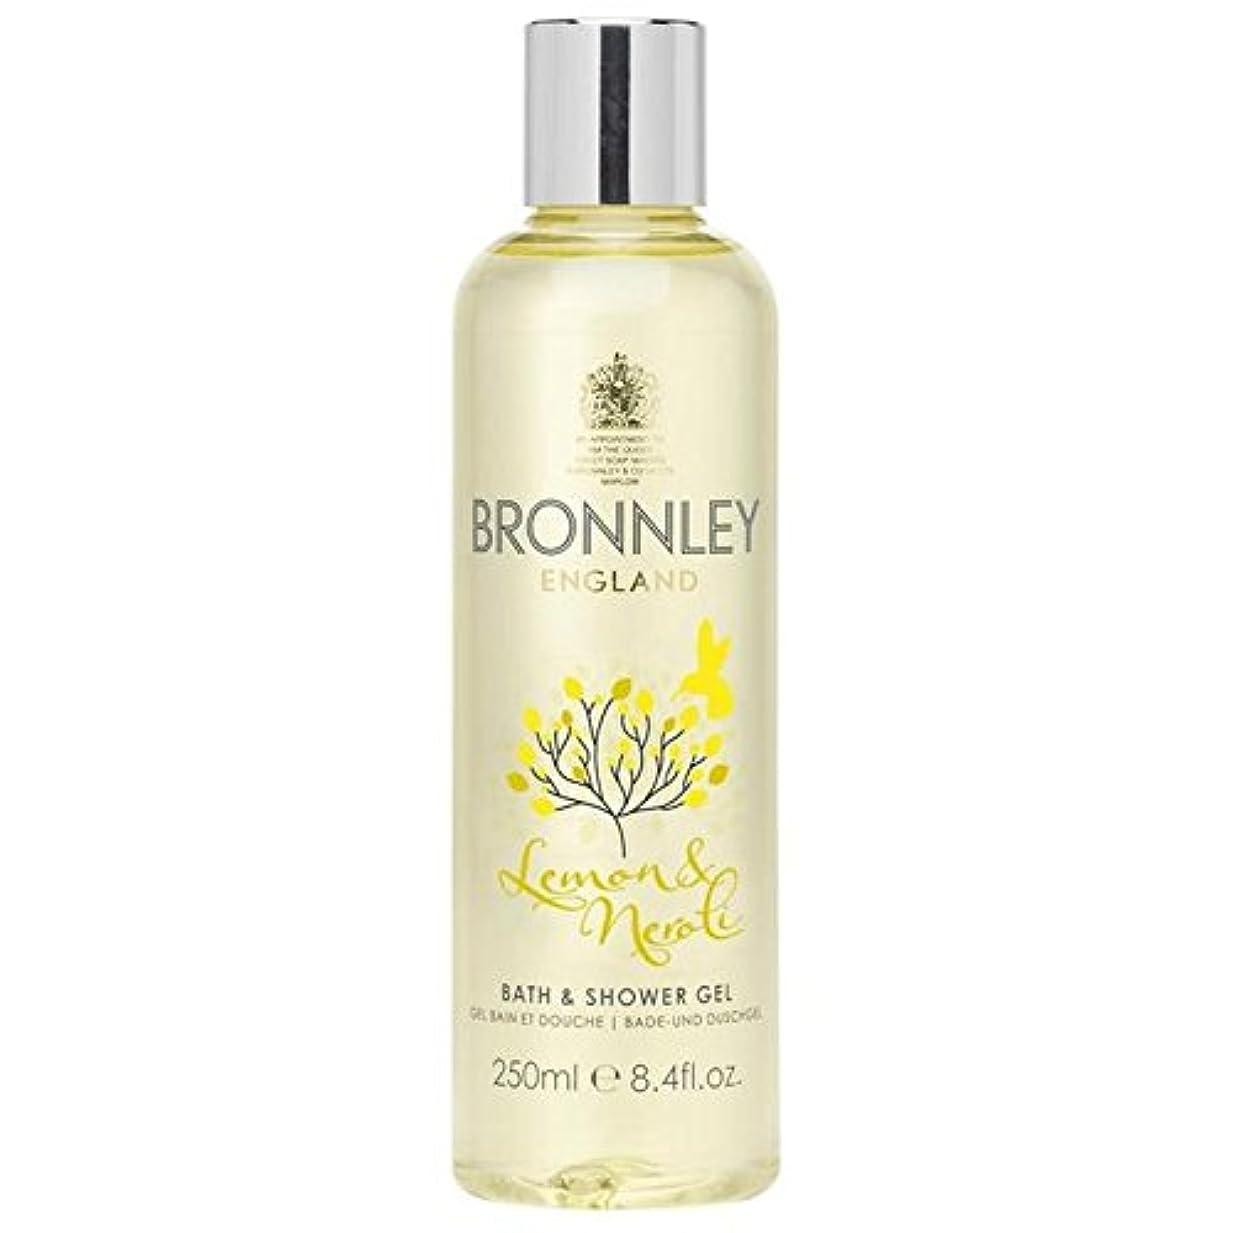 ブレイズ苛性候補者レモン&ネロリバス&シャワージェル250ミリリットル x2 - Bronnley Lemon & Neroli Bath & Shower Gel 250ml (Pack of 2) [並行輸入品]